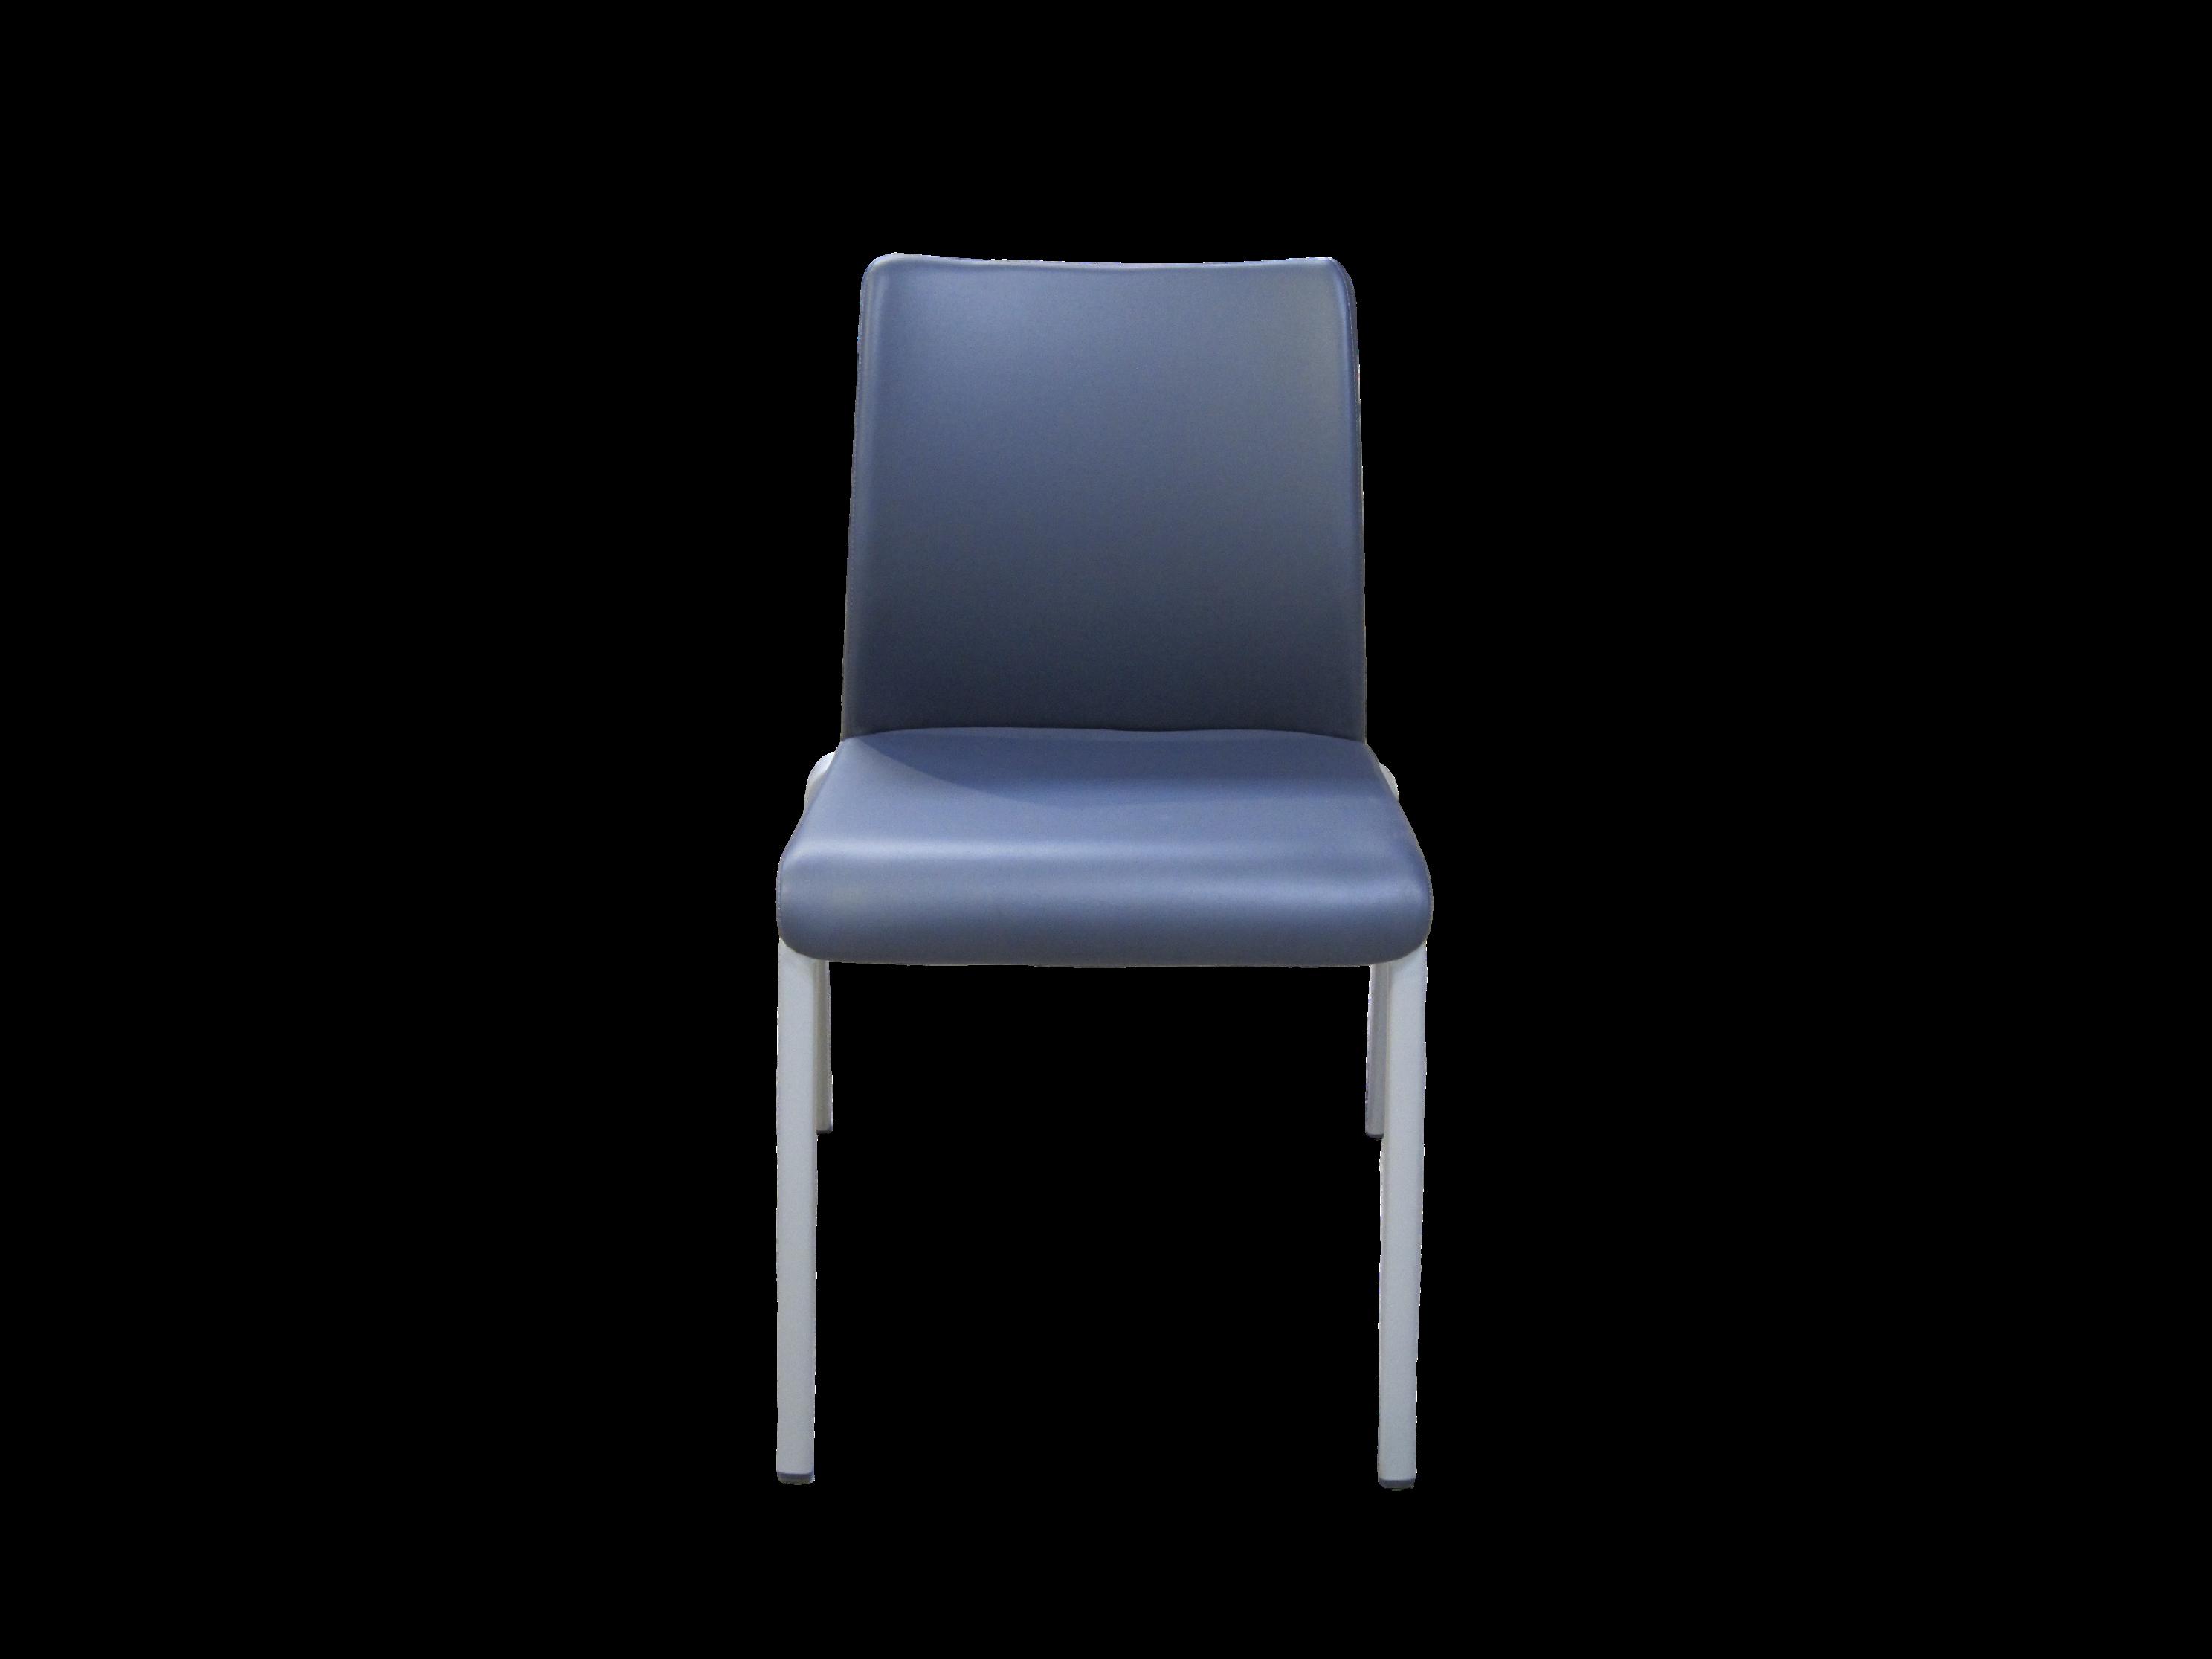 Chaises visiteurs design free fauteuil de salle manger beau fauteuil salle manger design frais - Chaises visiteurs design ...